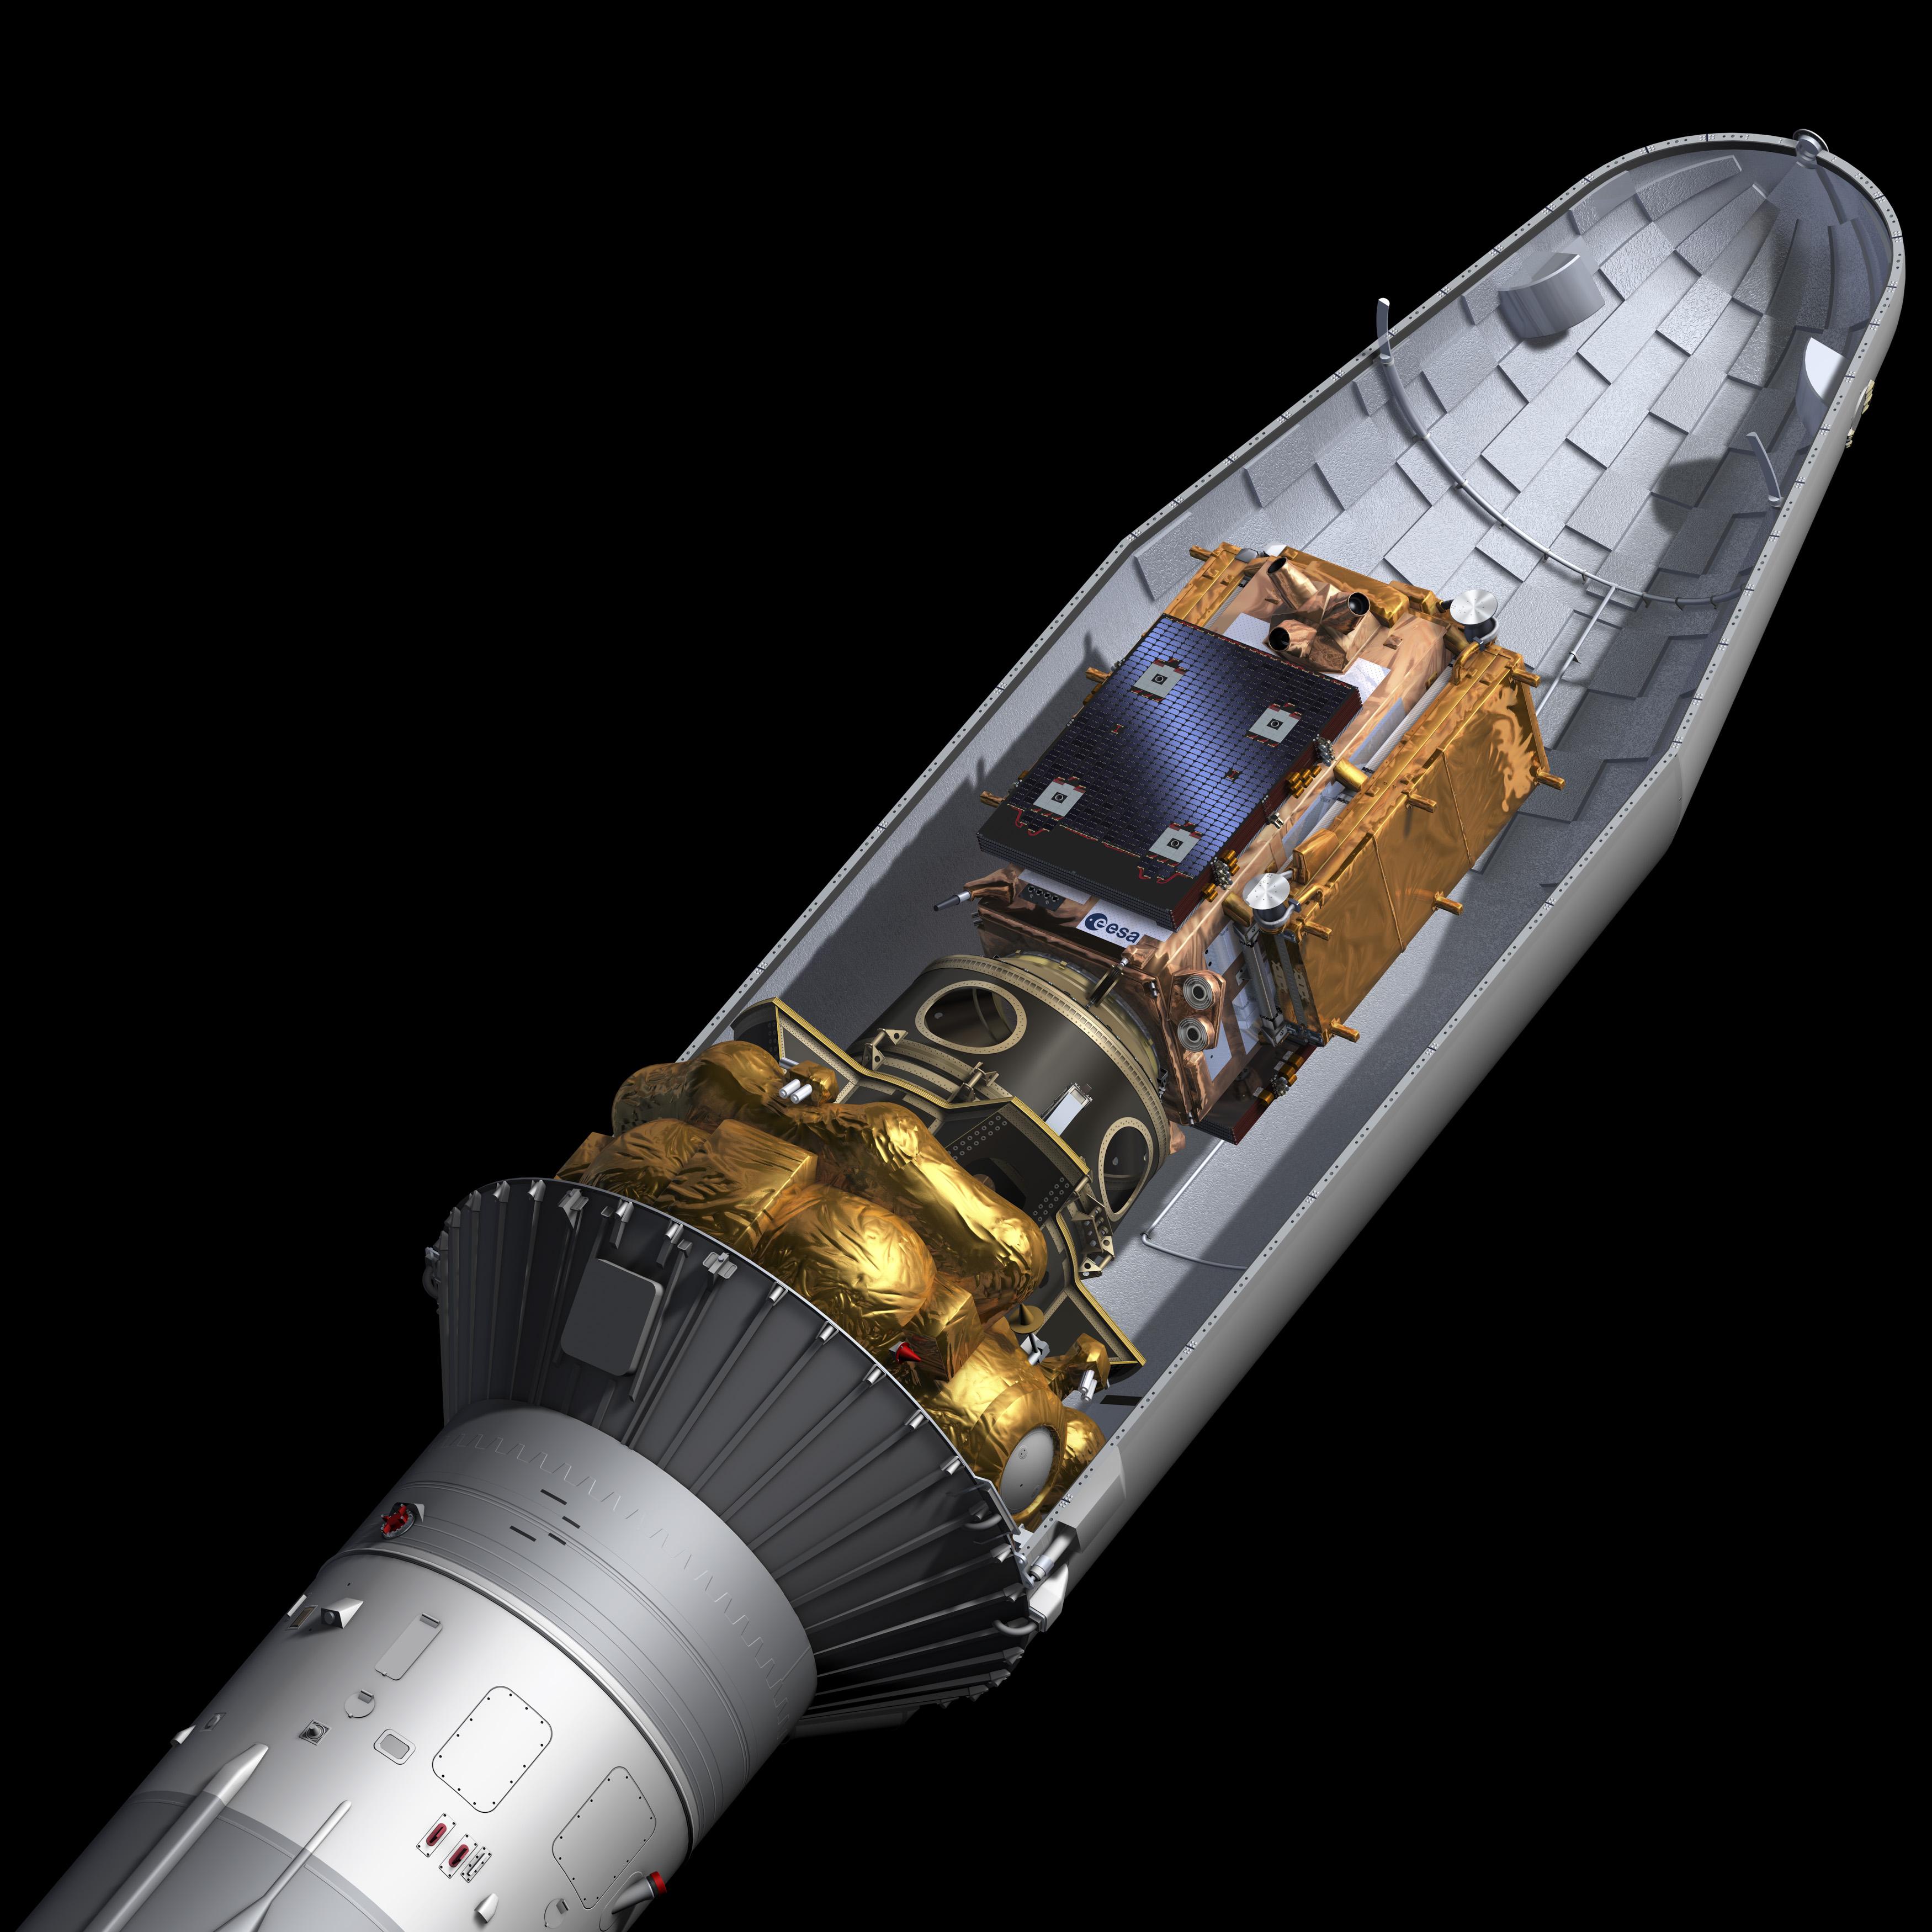 soyuz 1 spacecraft - photo #25